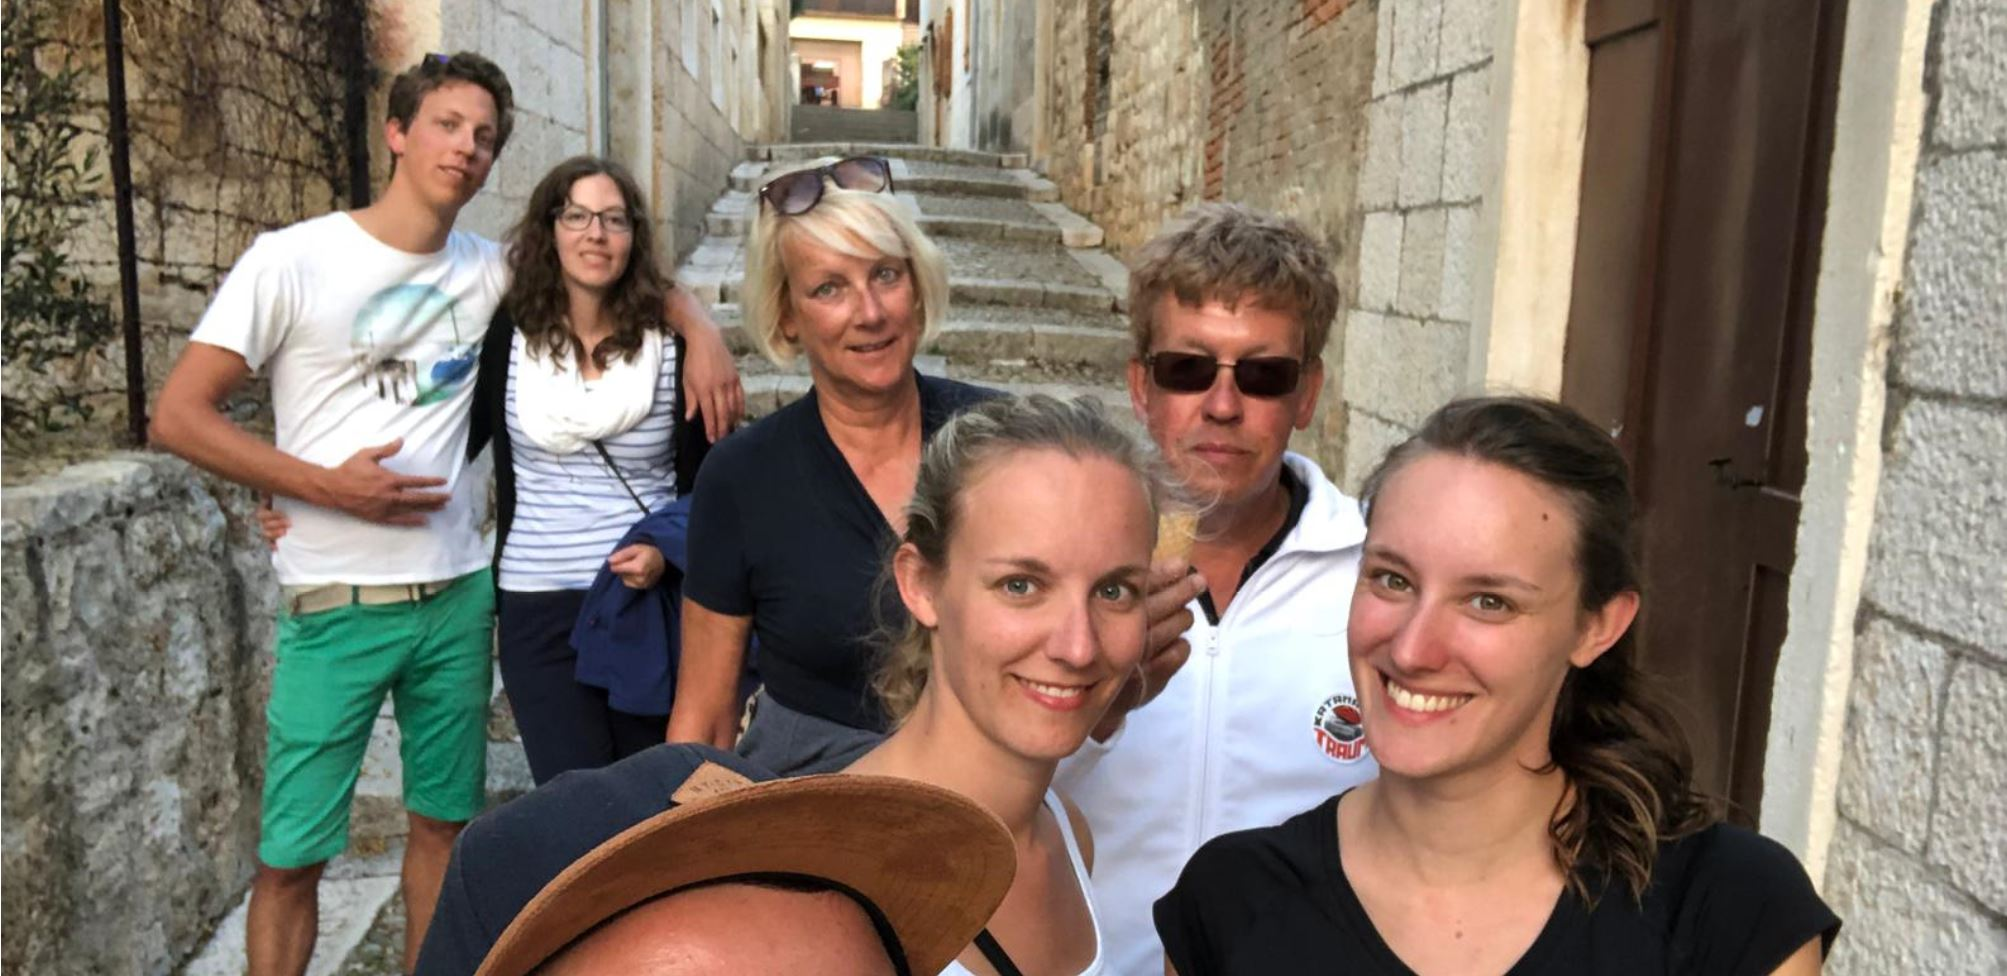 Segelfamilie besichtigt die Stadt